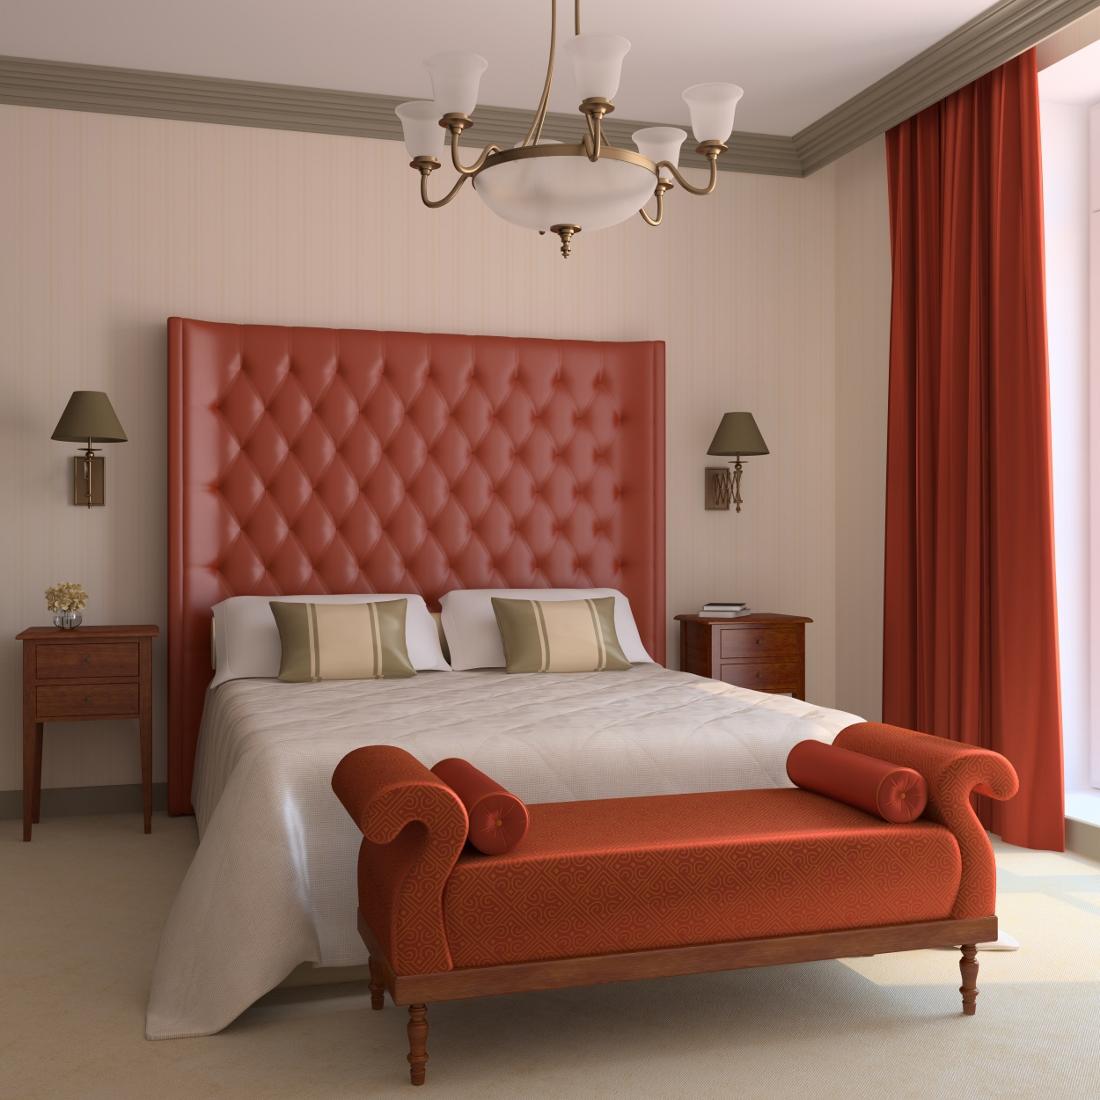 غرف نوم ( كابيتونيه ) قمة في الرقي 422245.jpg